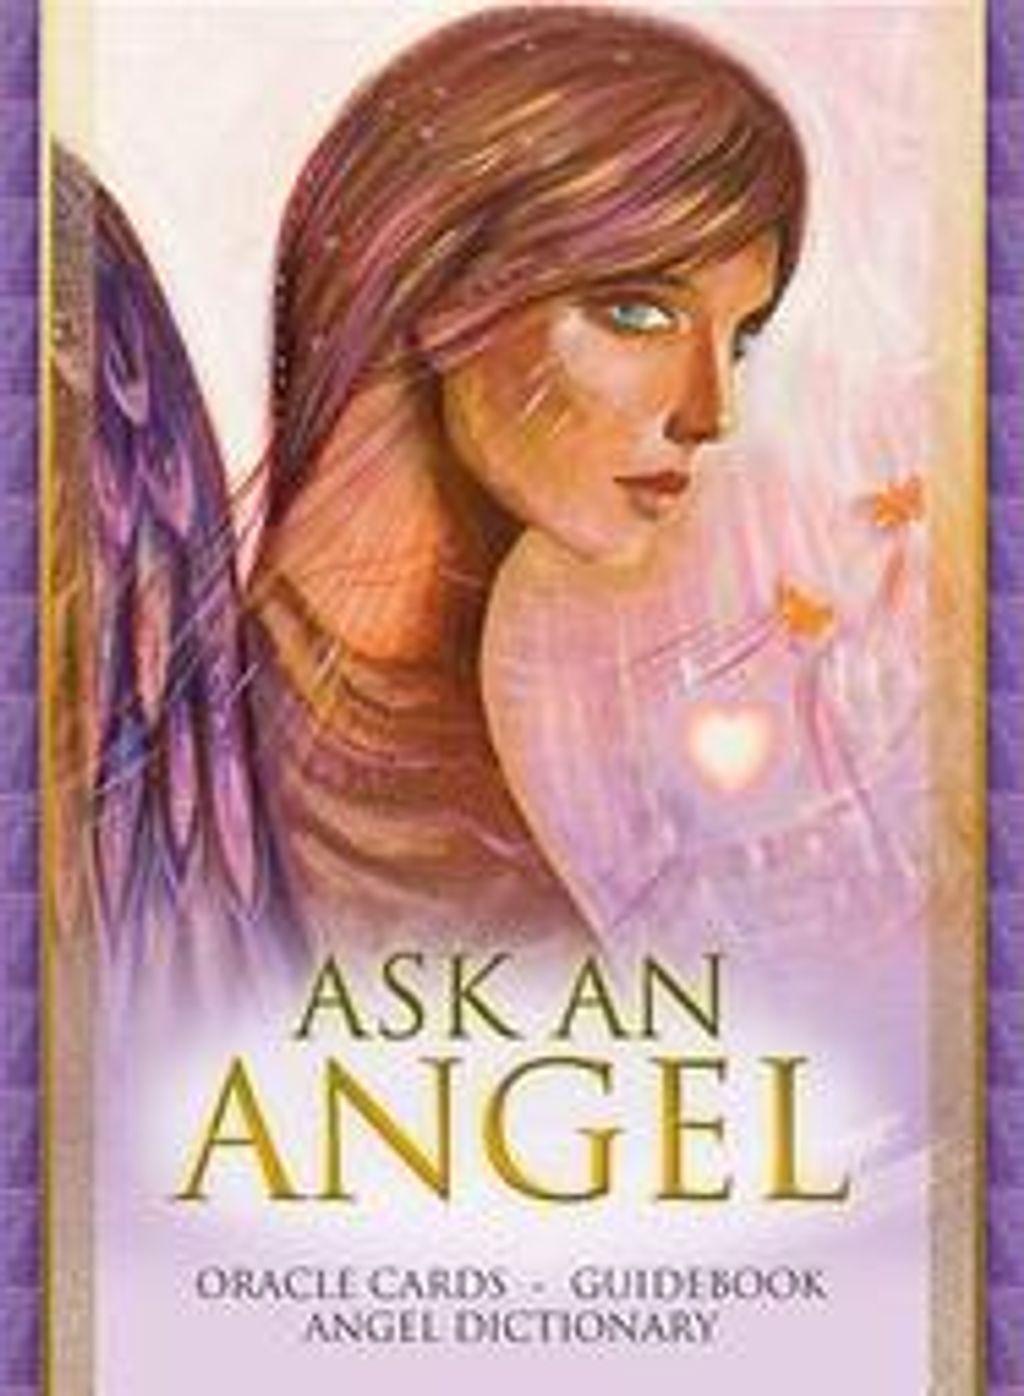 詢問天使卡:Ask An Angel.jpg